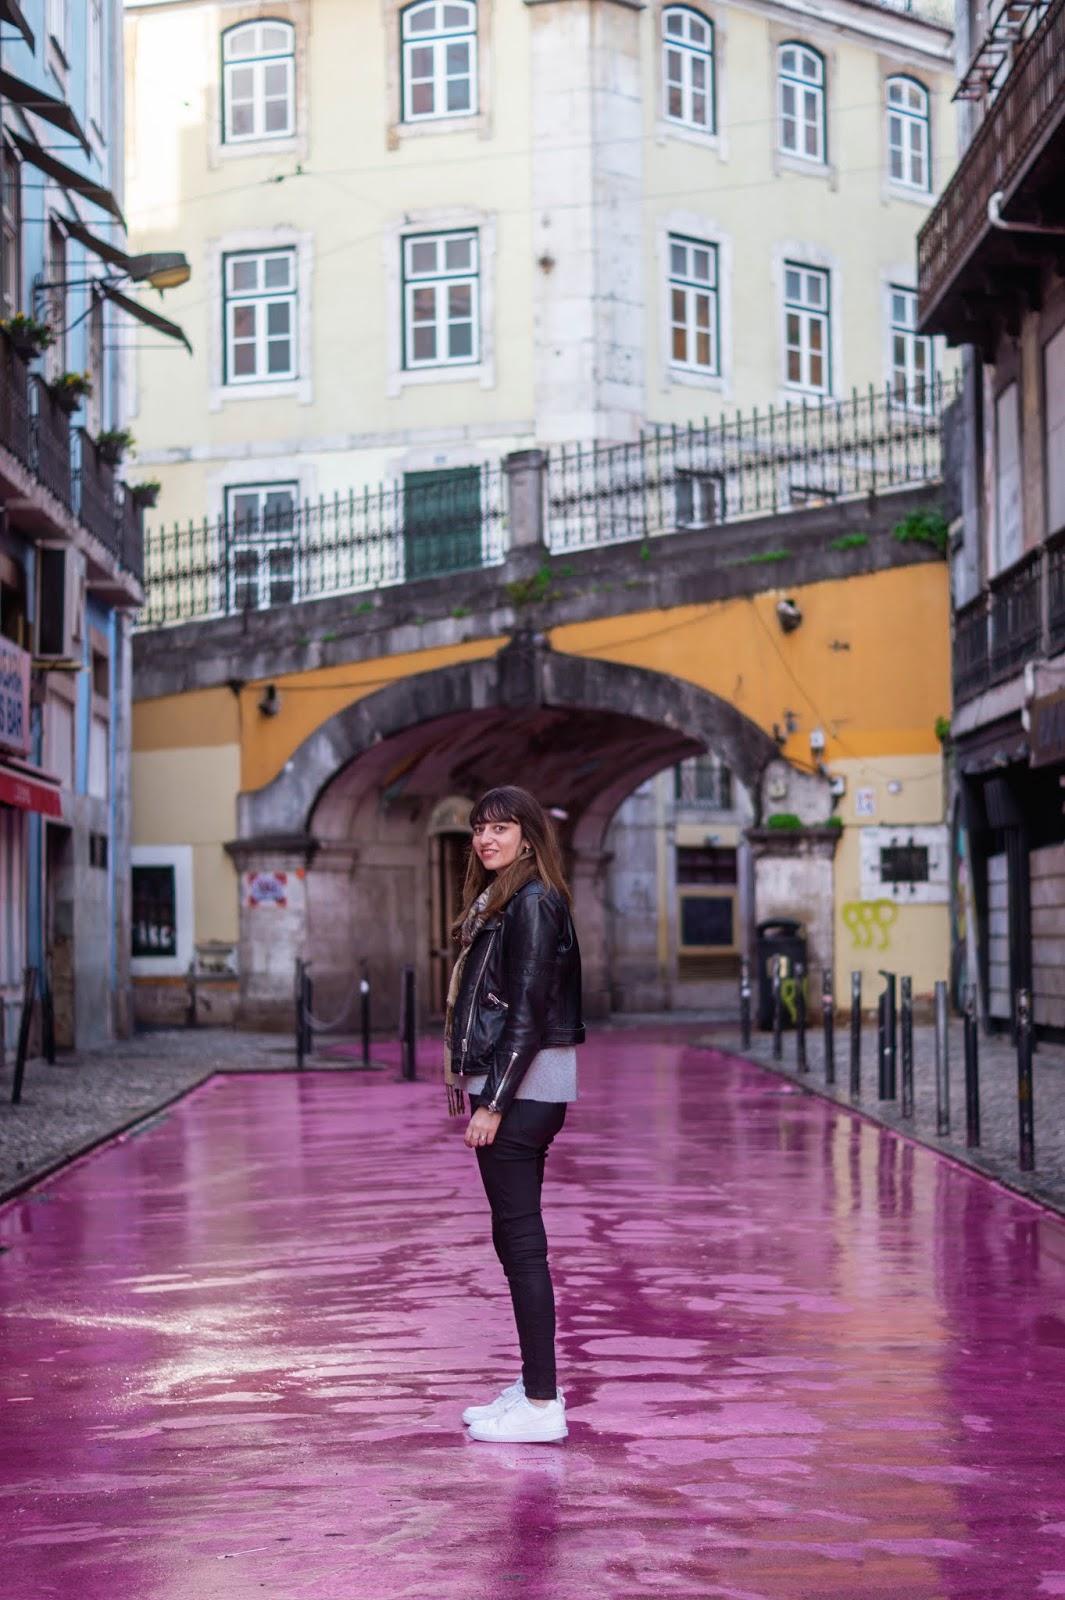 rue rose Lisbonne